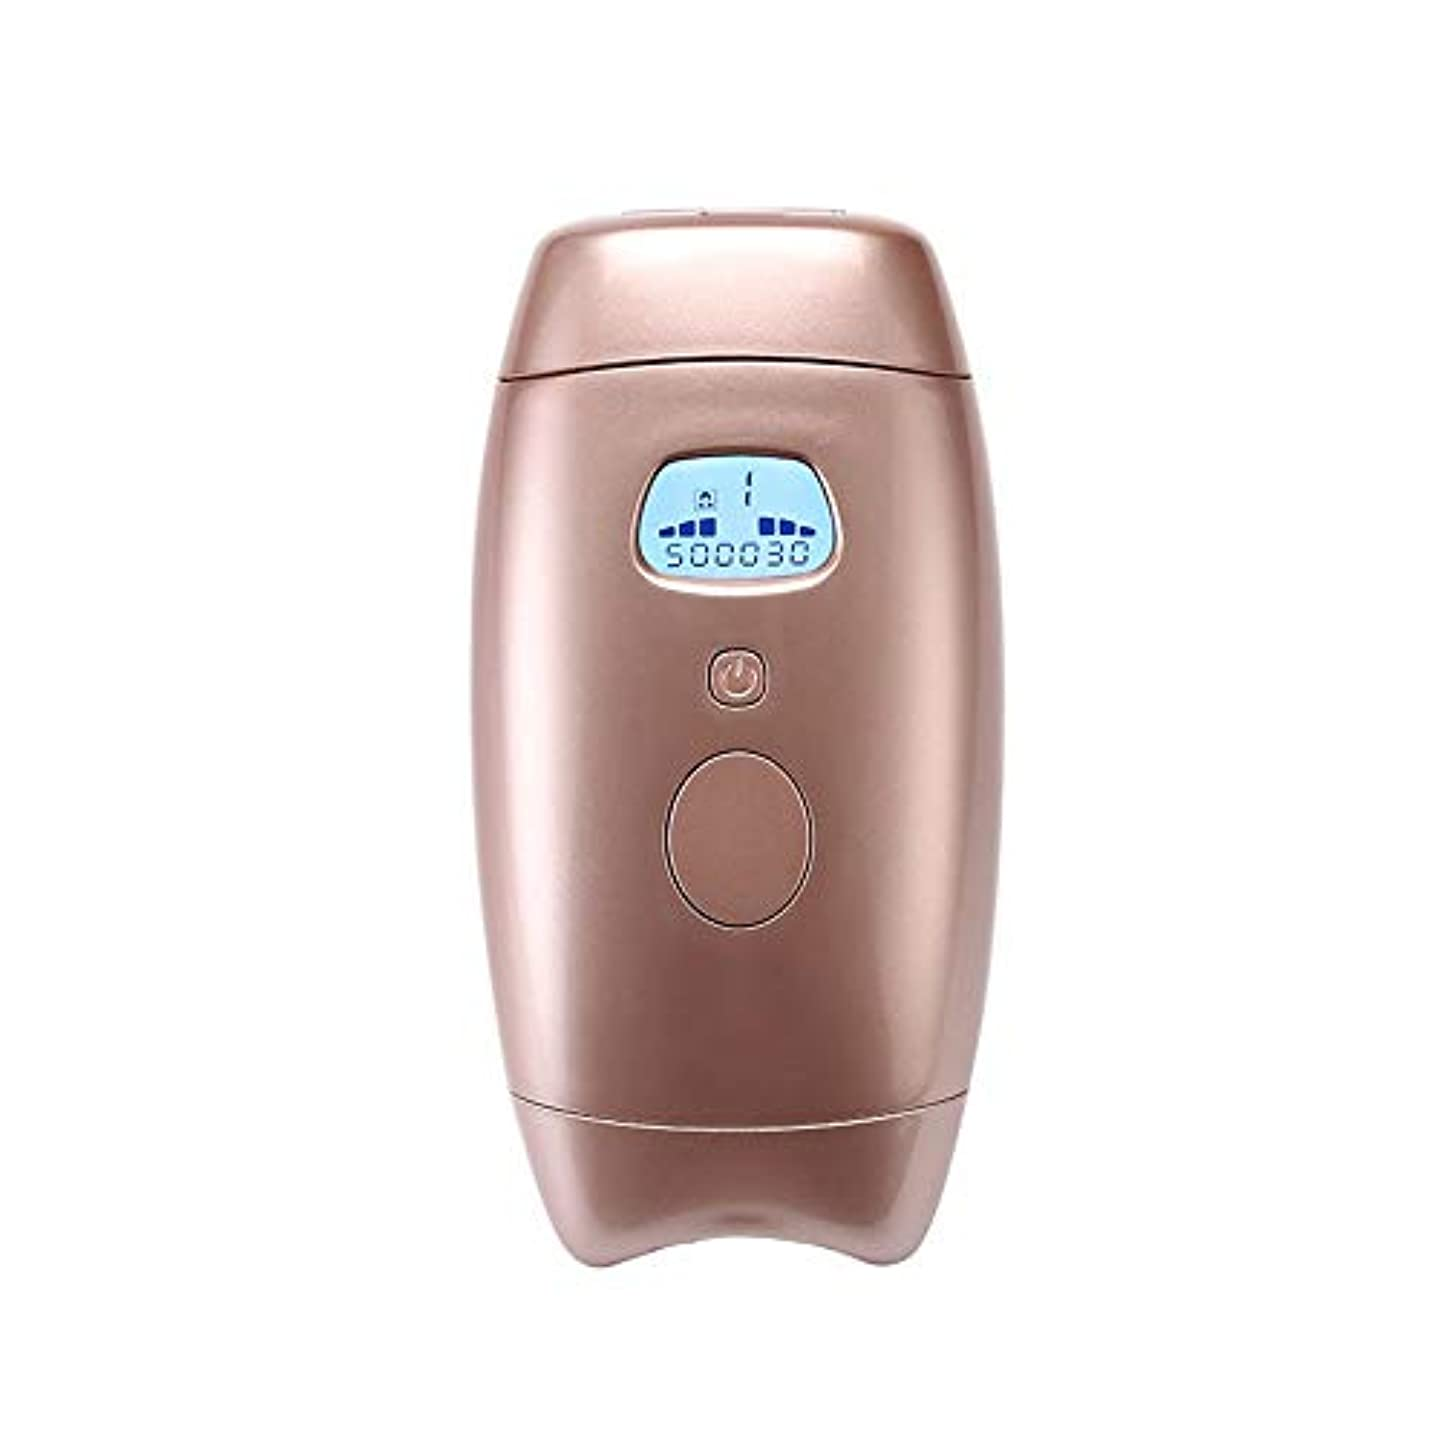 移動する保証金形式Xihouxian 5スピード調整、ゴールドカラー、ホームペインレスパーマネントヘアリムーバー、肌に害がない、クォーツチューブ、サイズ16.2 X 8.1 X 4.5 Cm D40